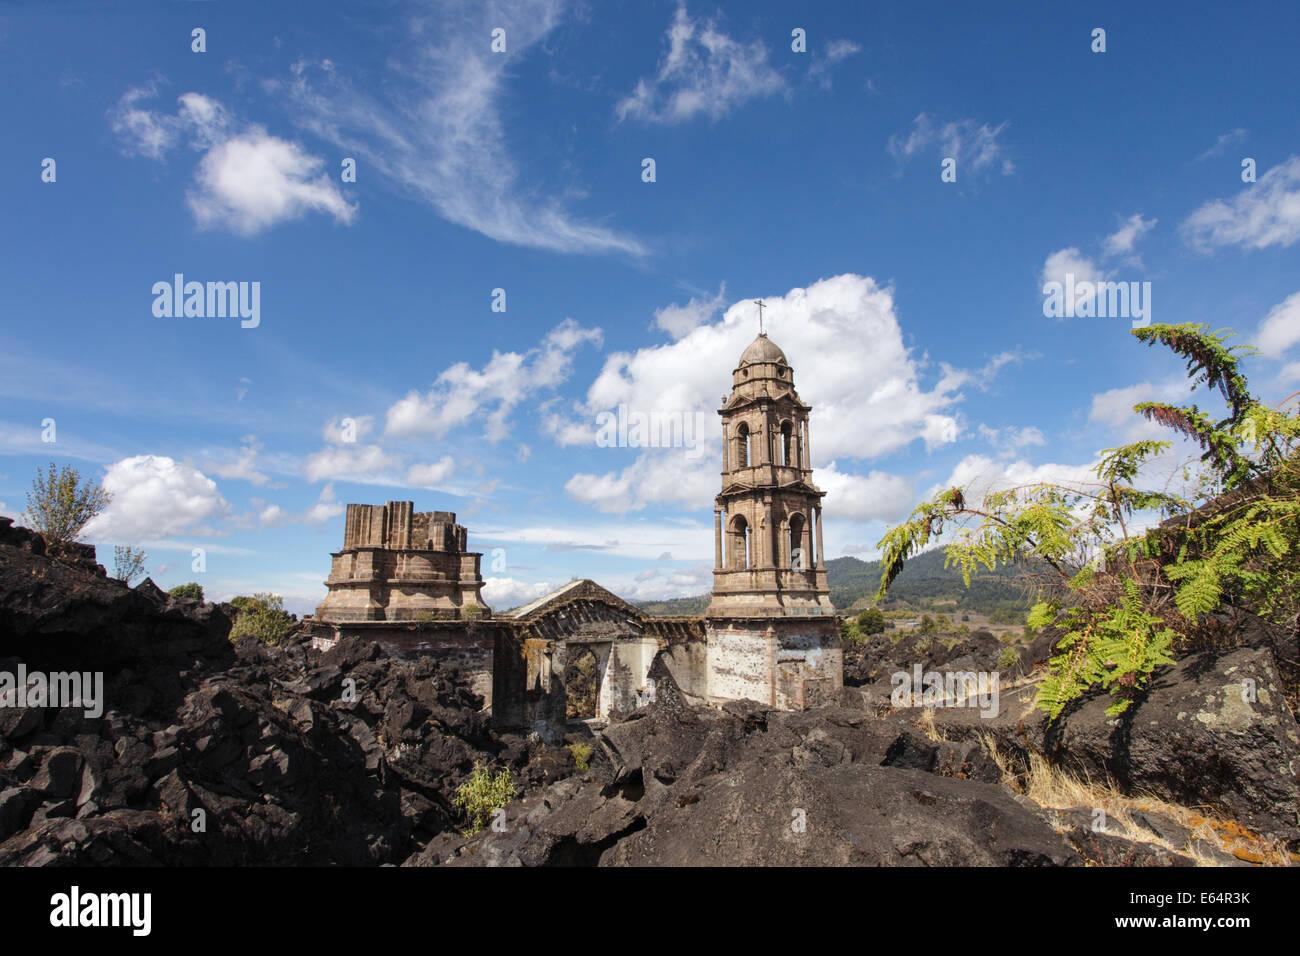 Les tours du temple sont tout ce qui reste du village couvert par la lave du volcan paricutin, Michoacan, Mexique. Photo Stock